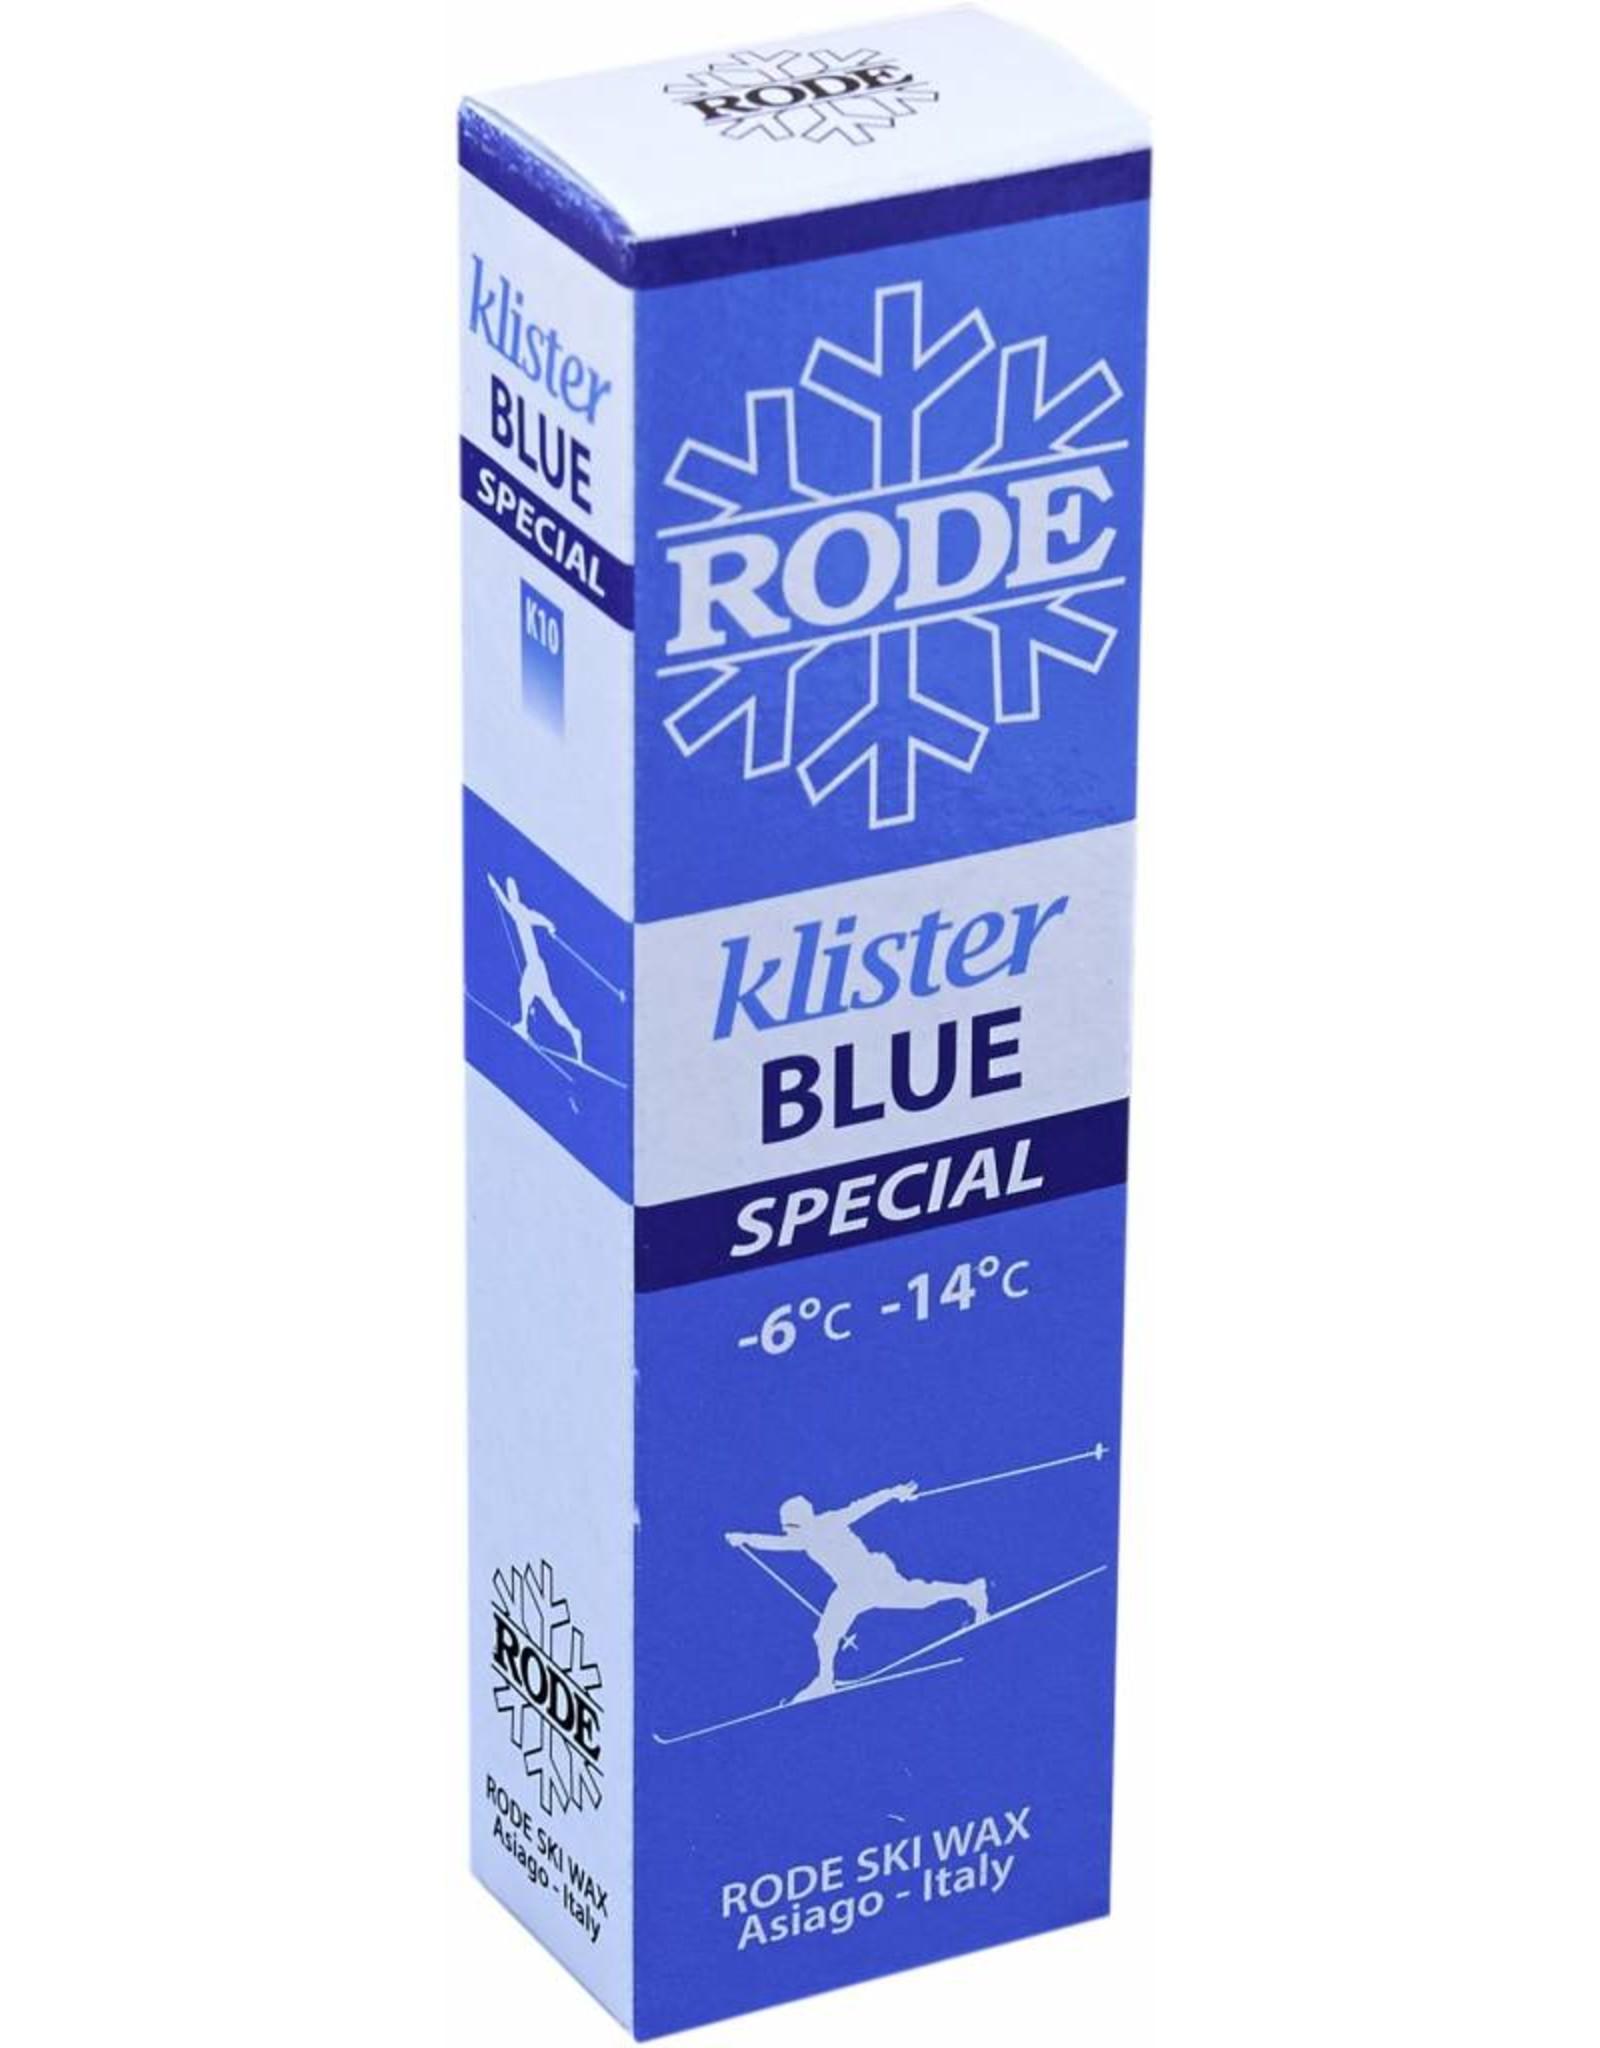 Rode Rode Blue Special Klister 60g